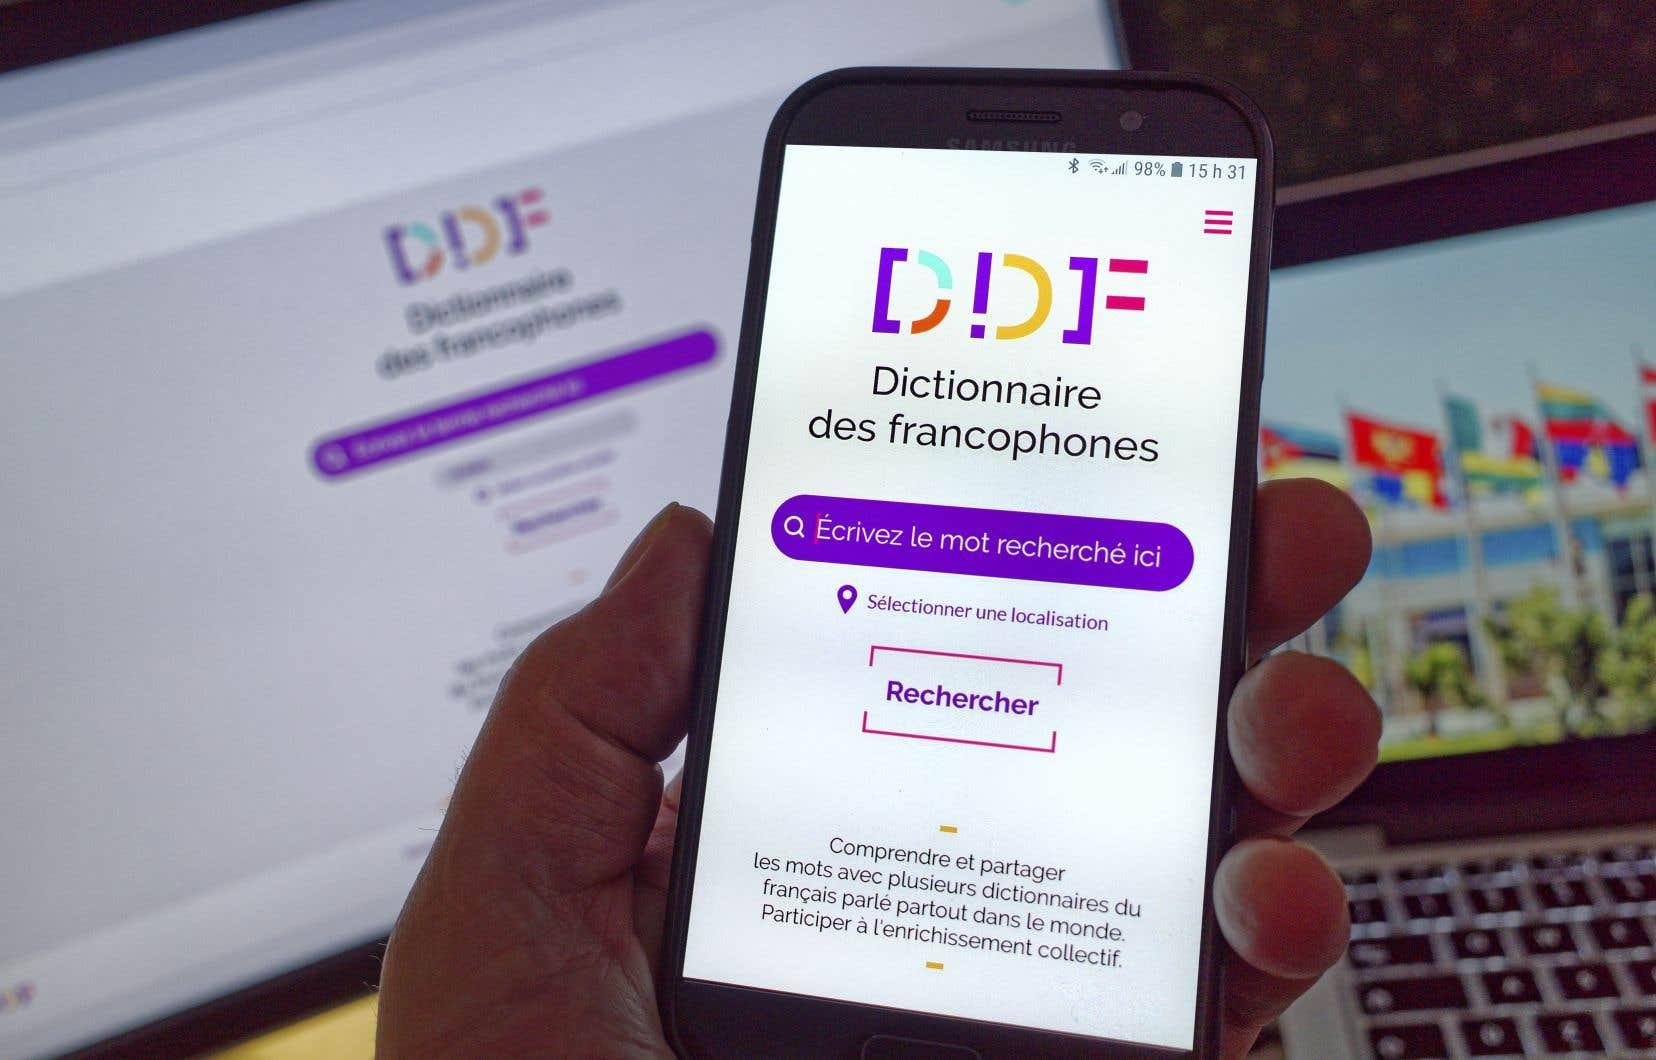 Plus de 500 000 mots et expressions ont été recensés dans le «Dictionnaire des francophones», soit le double d'autres dictionnaires de référence.